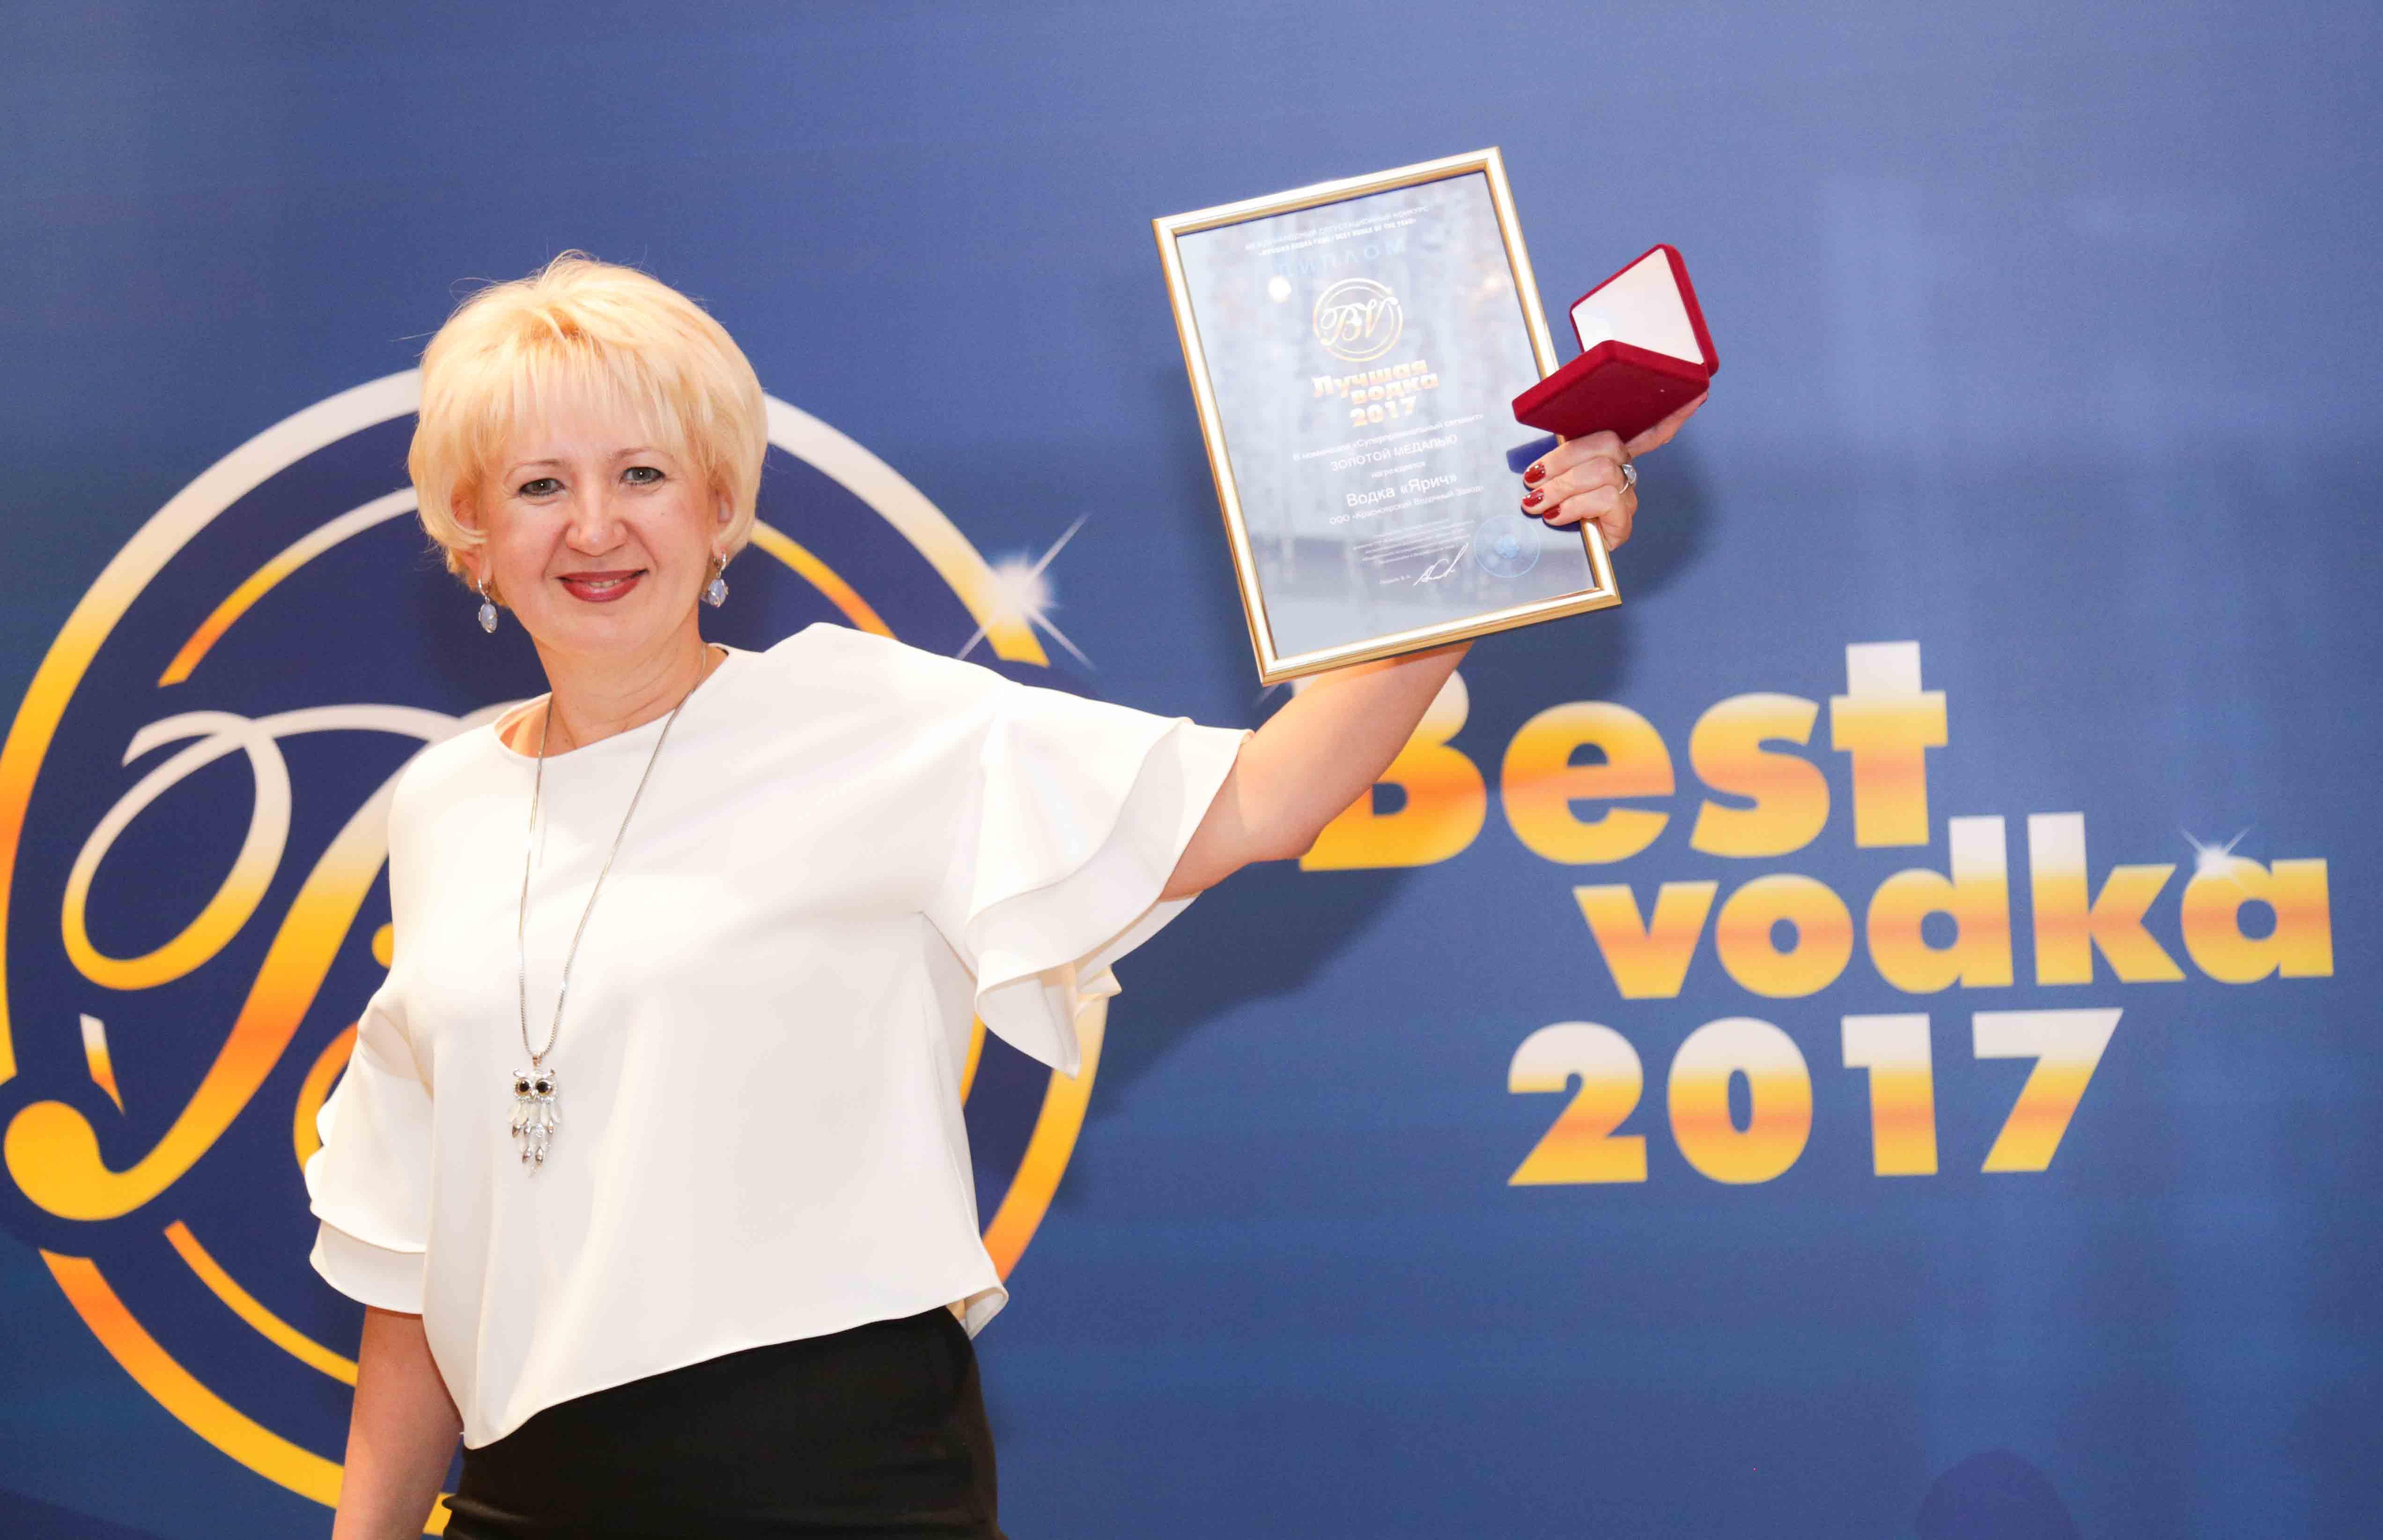 Конкурс Лучшая водка 2017